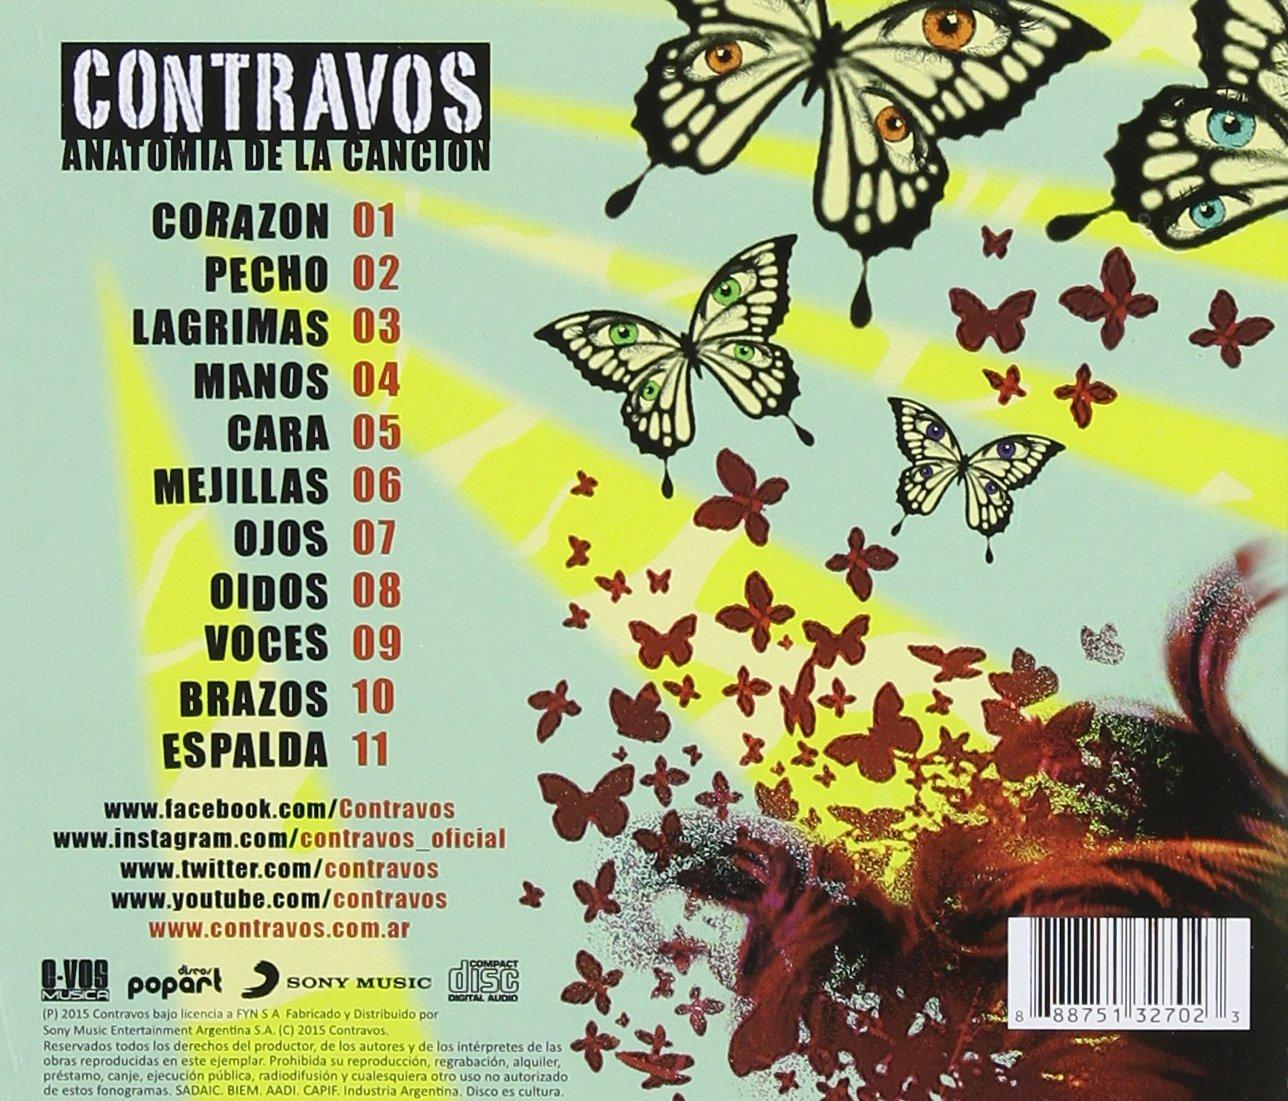 Anatomia de la Cancion: Contravos: Amazon.es: Música